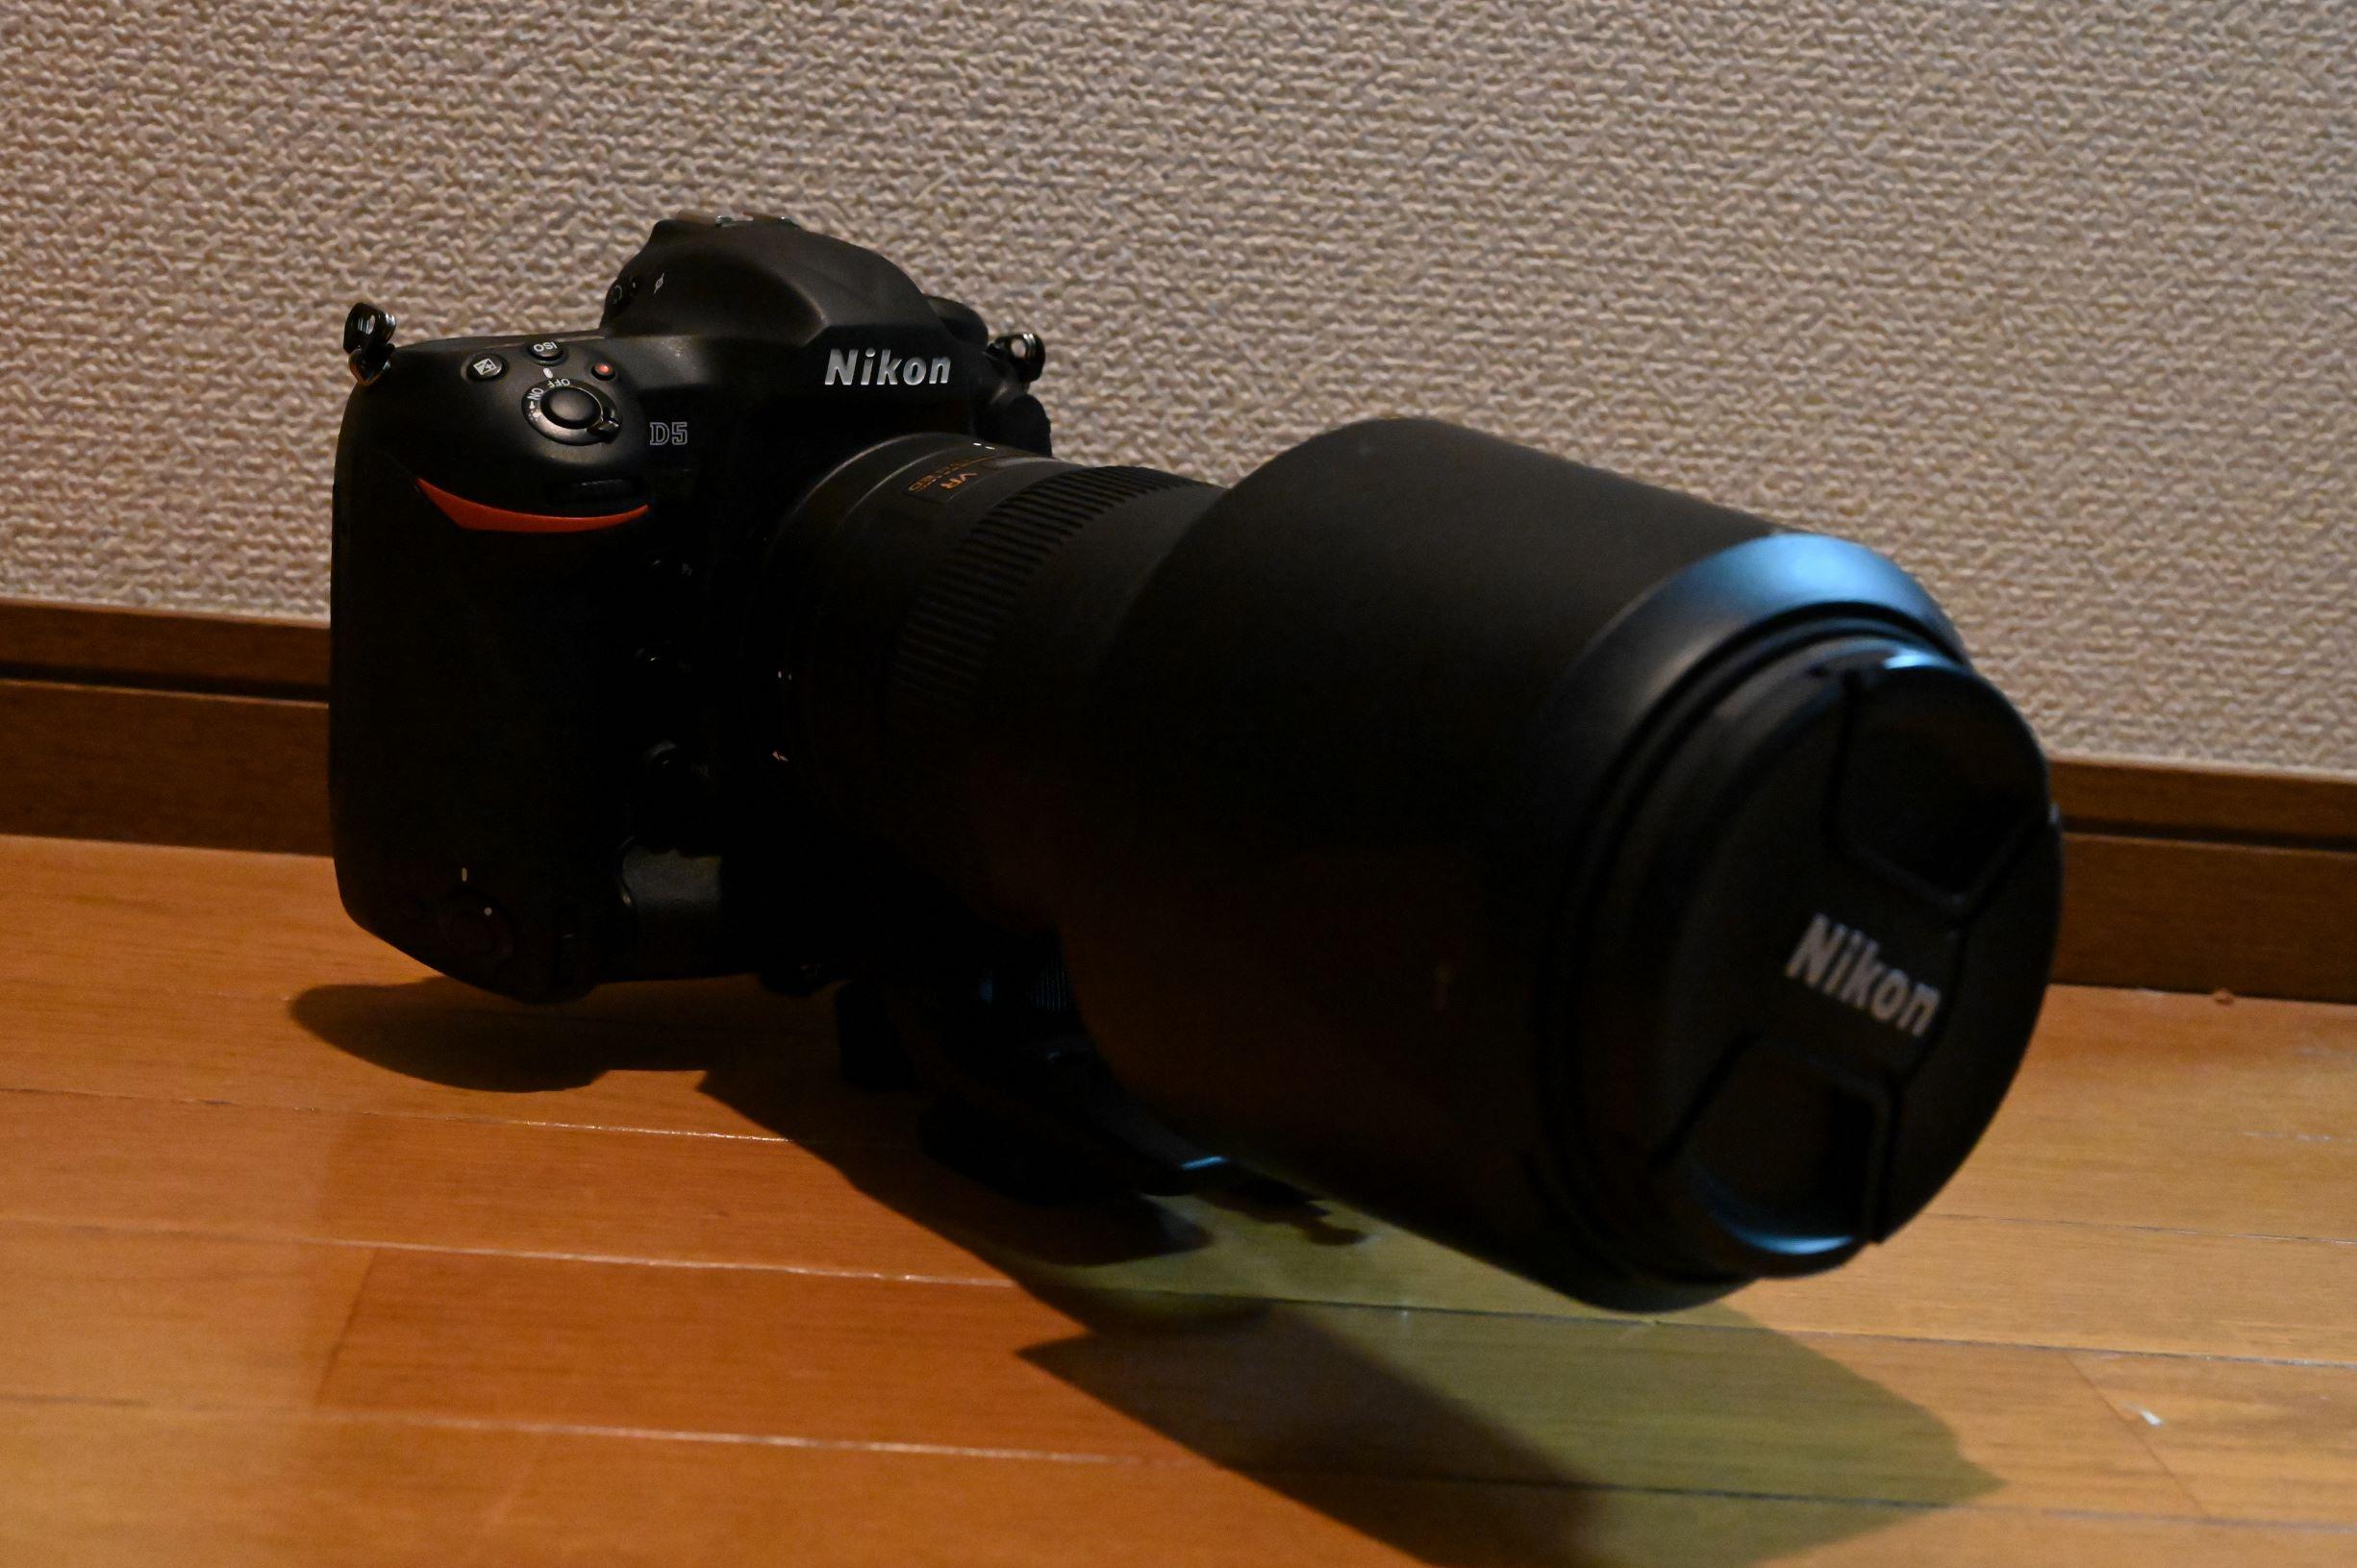 カメラとレンズのメンテナンスに必要な道具とメンテナンス方法について